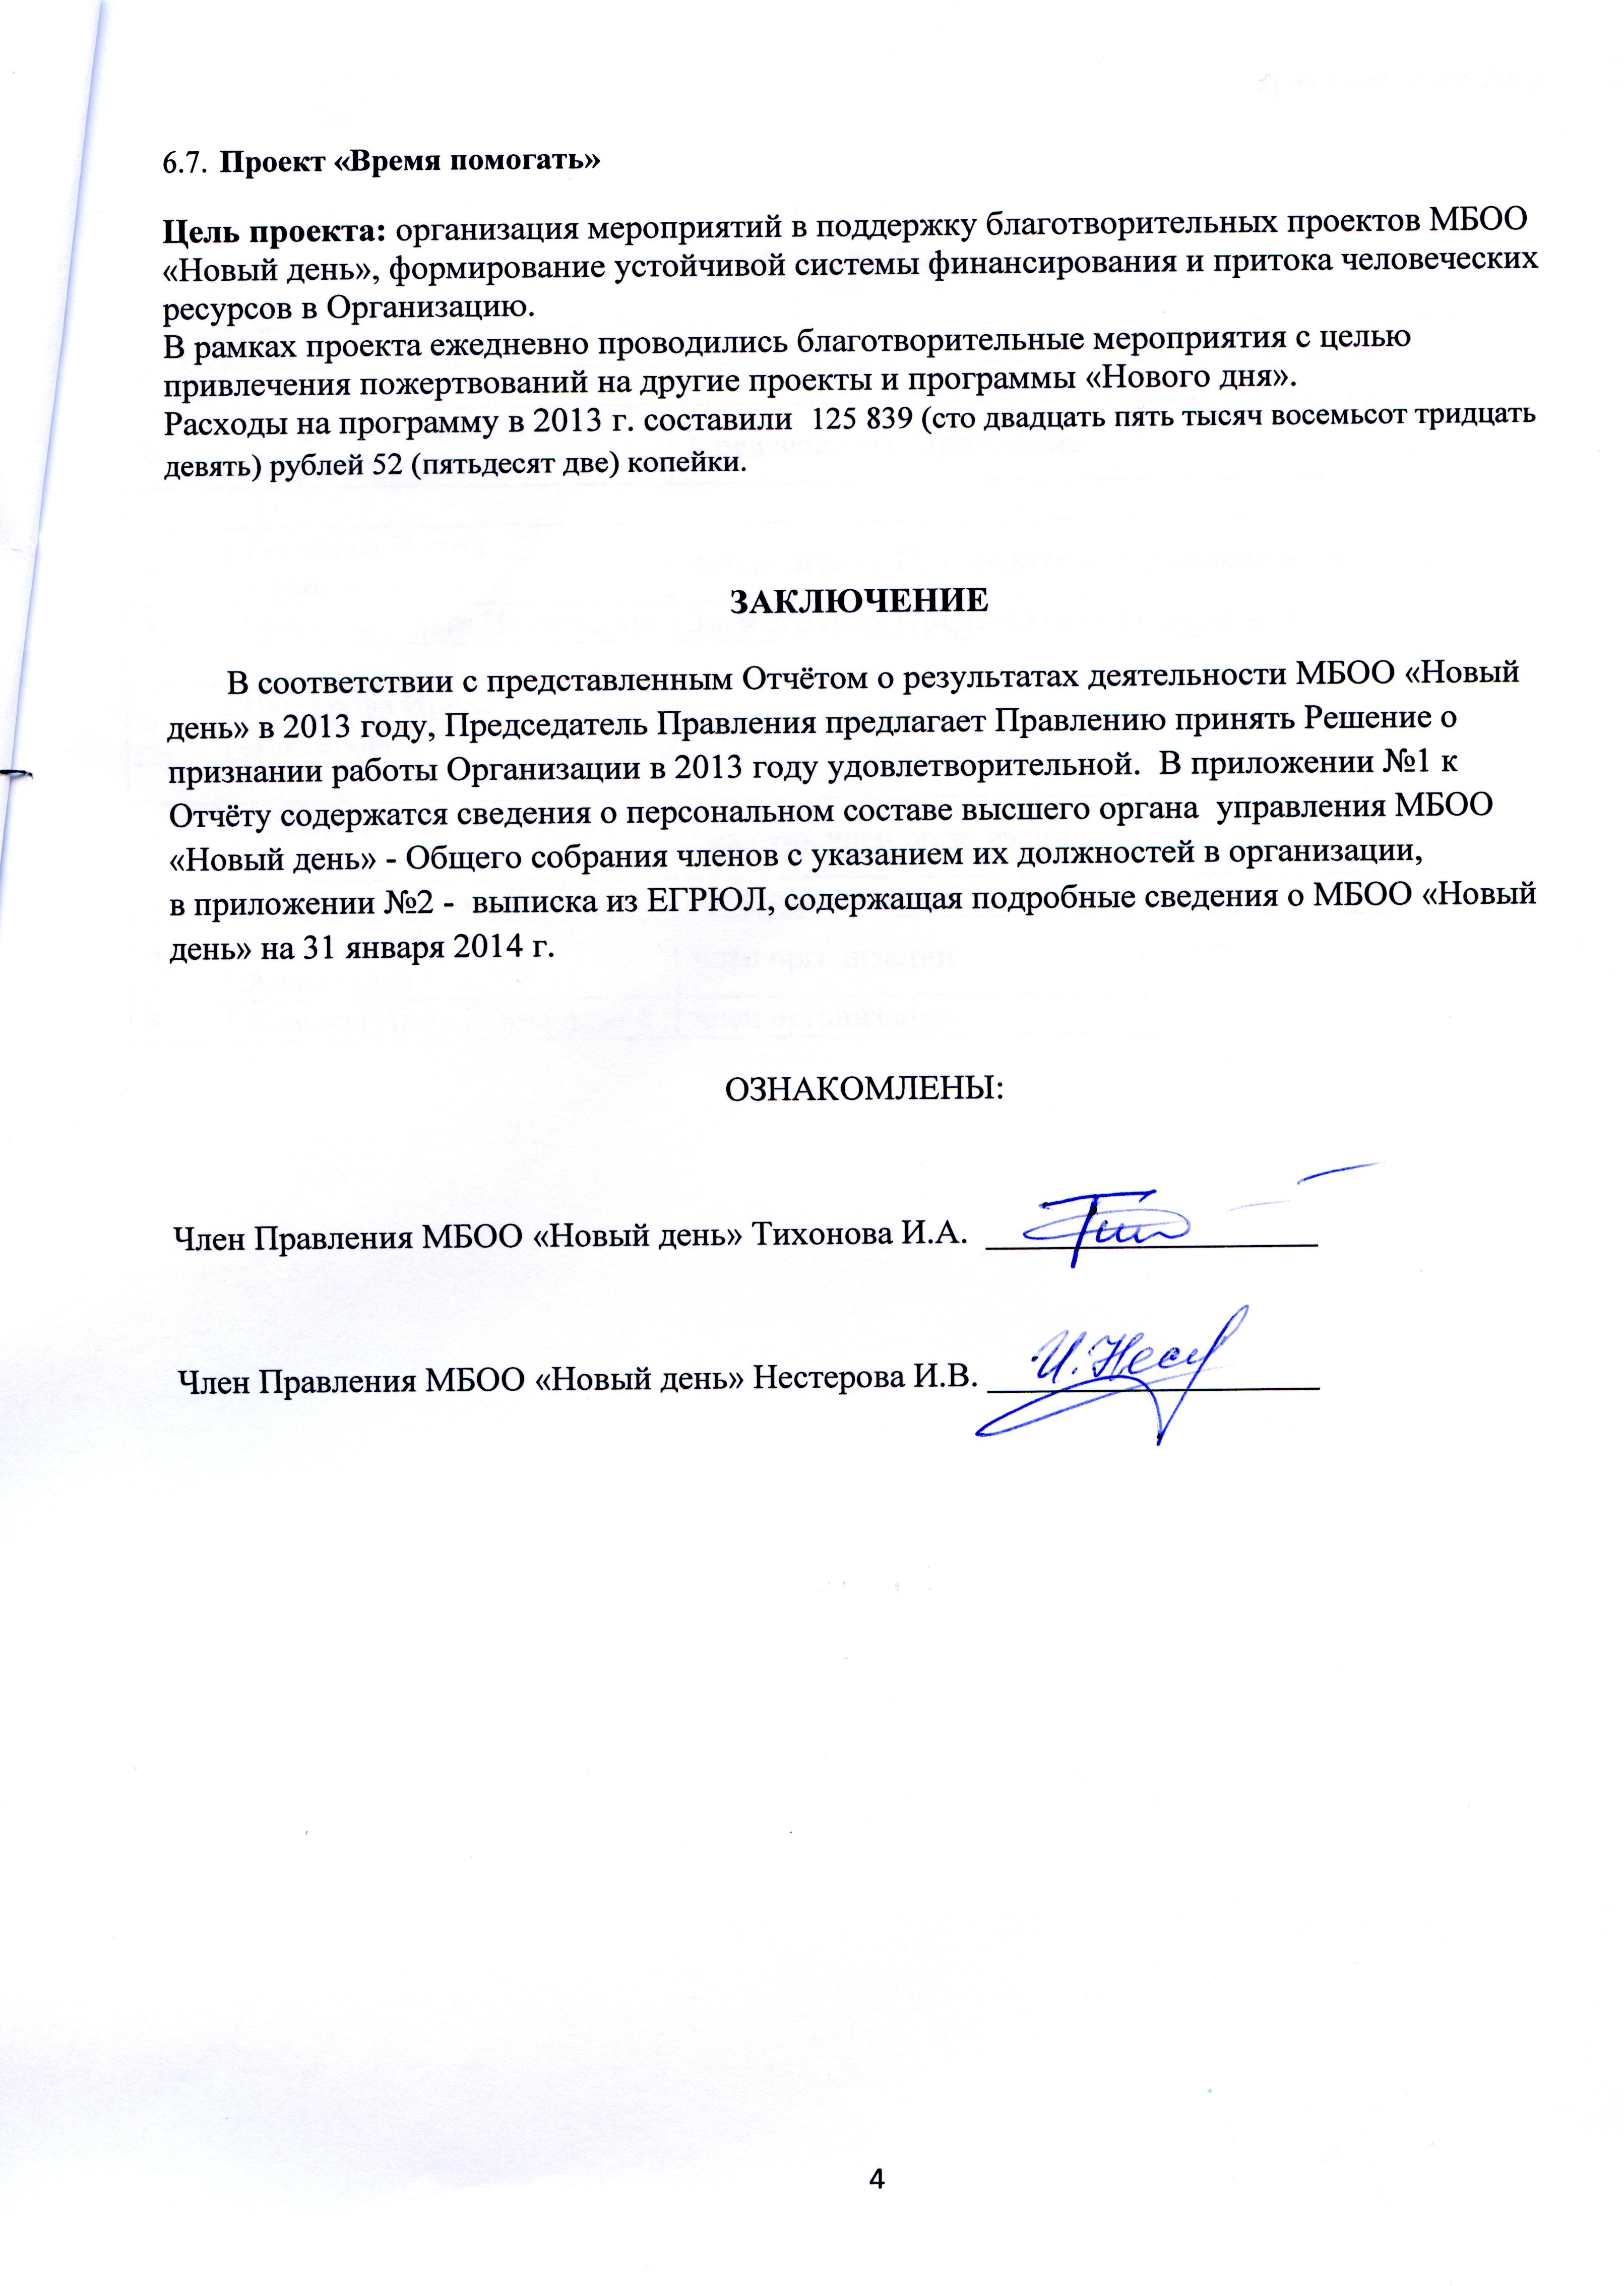 """Отчёт МБОО """"Новый день"""" в 2013 году документ 4"""